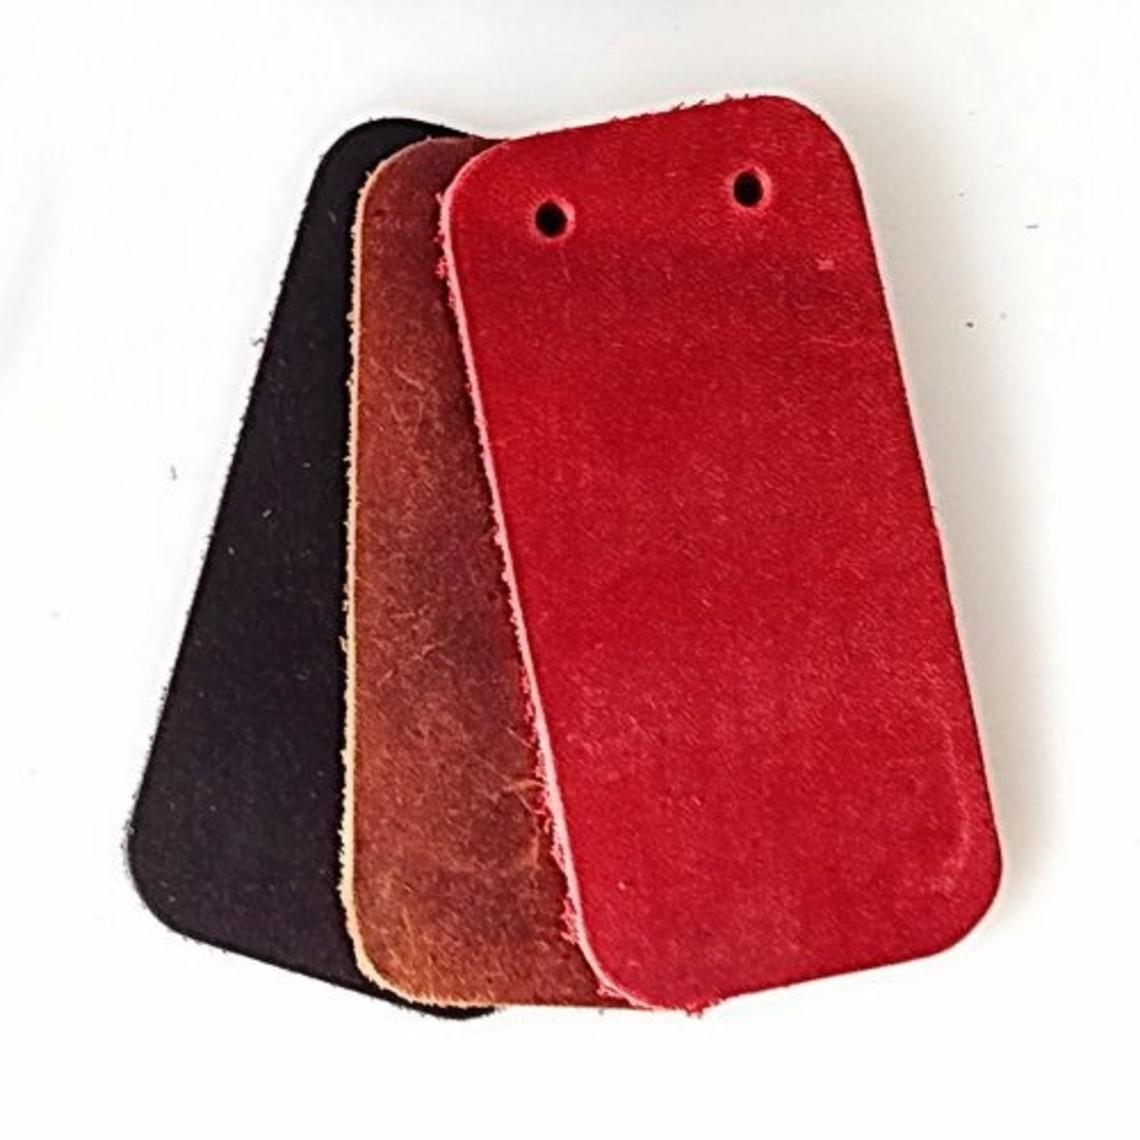 50x nubuckleren smal rechthoekig stuk voor schaalpantser, bruin